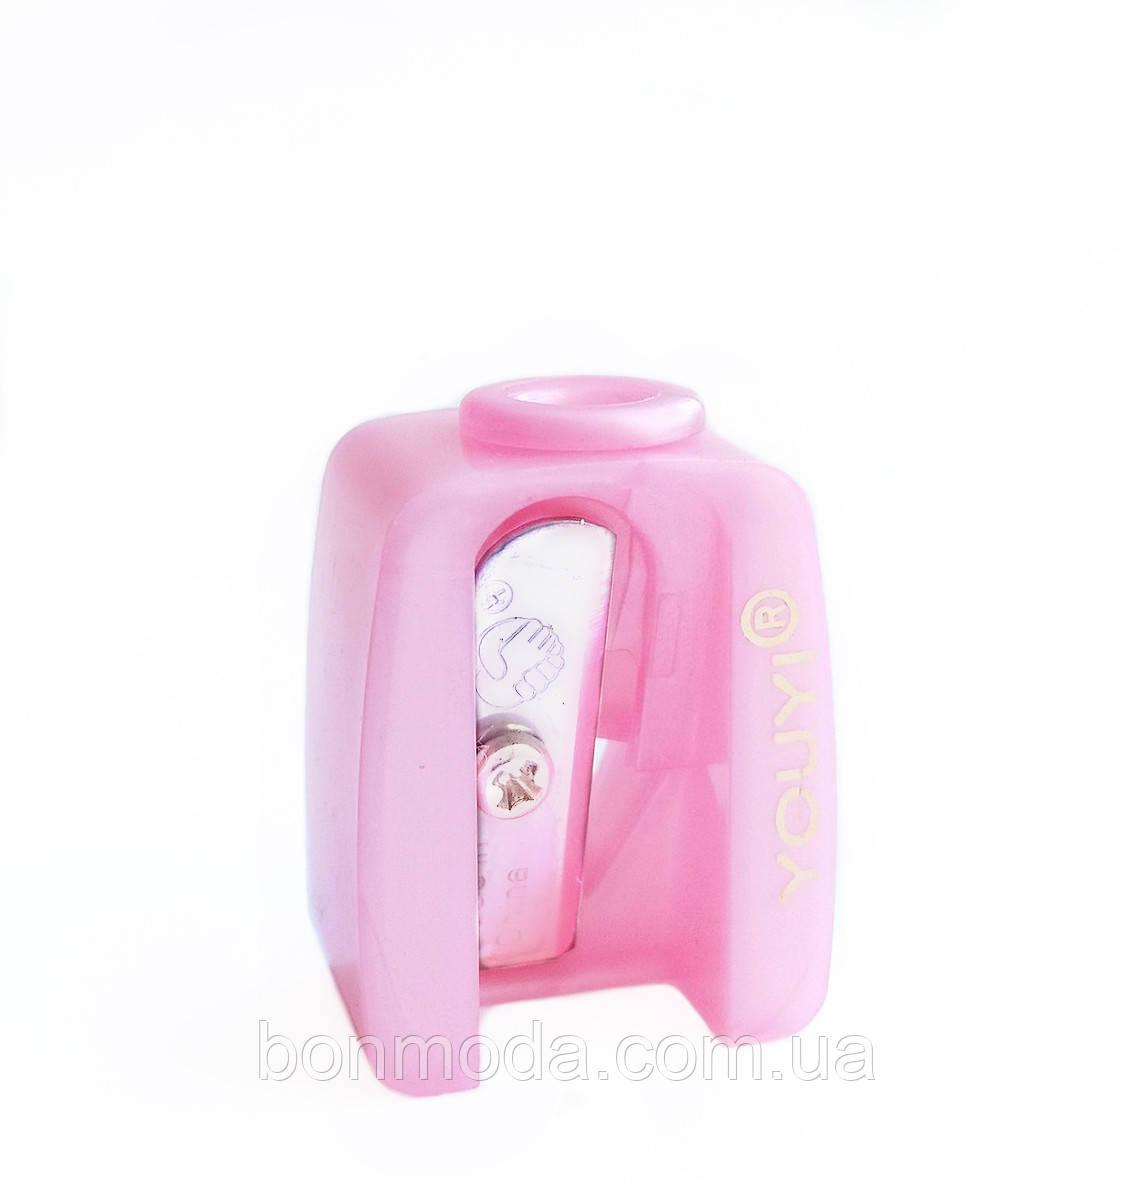 Точилка косметическая одинарная розовая